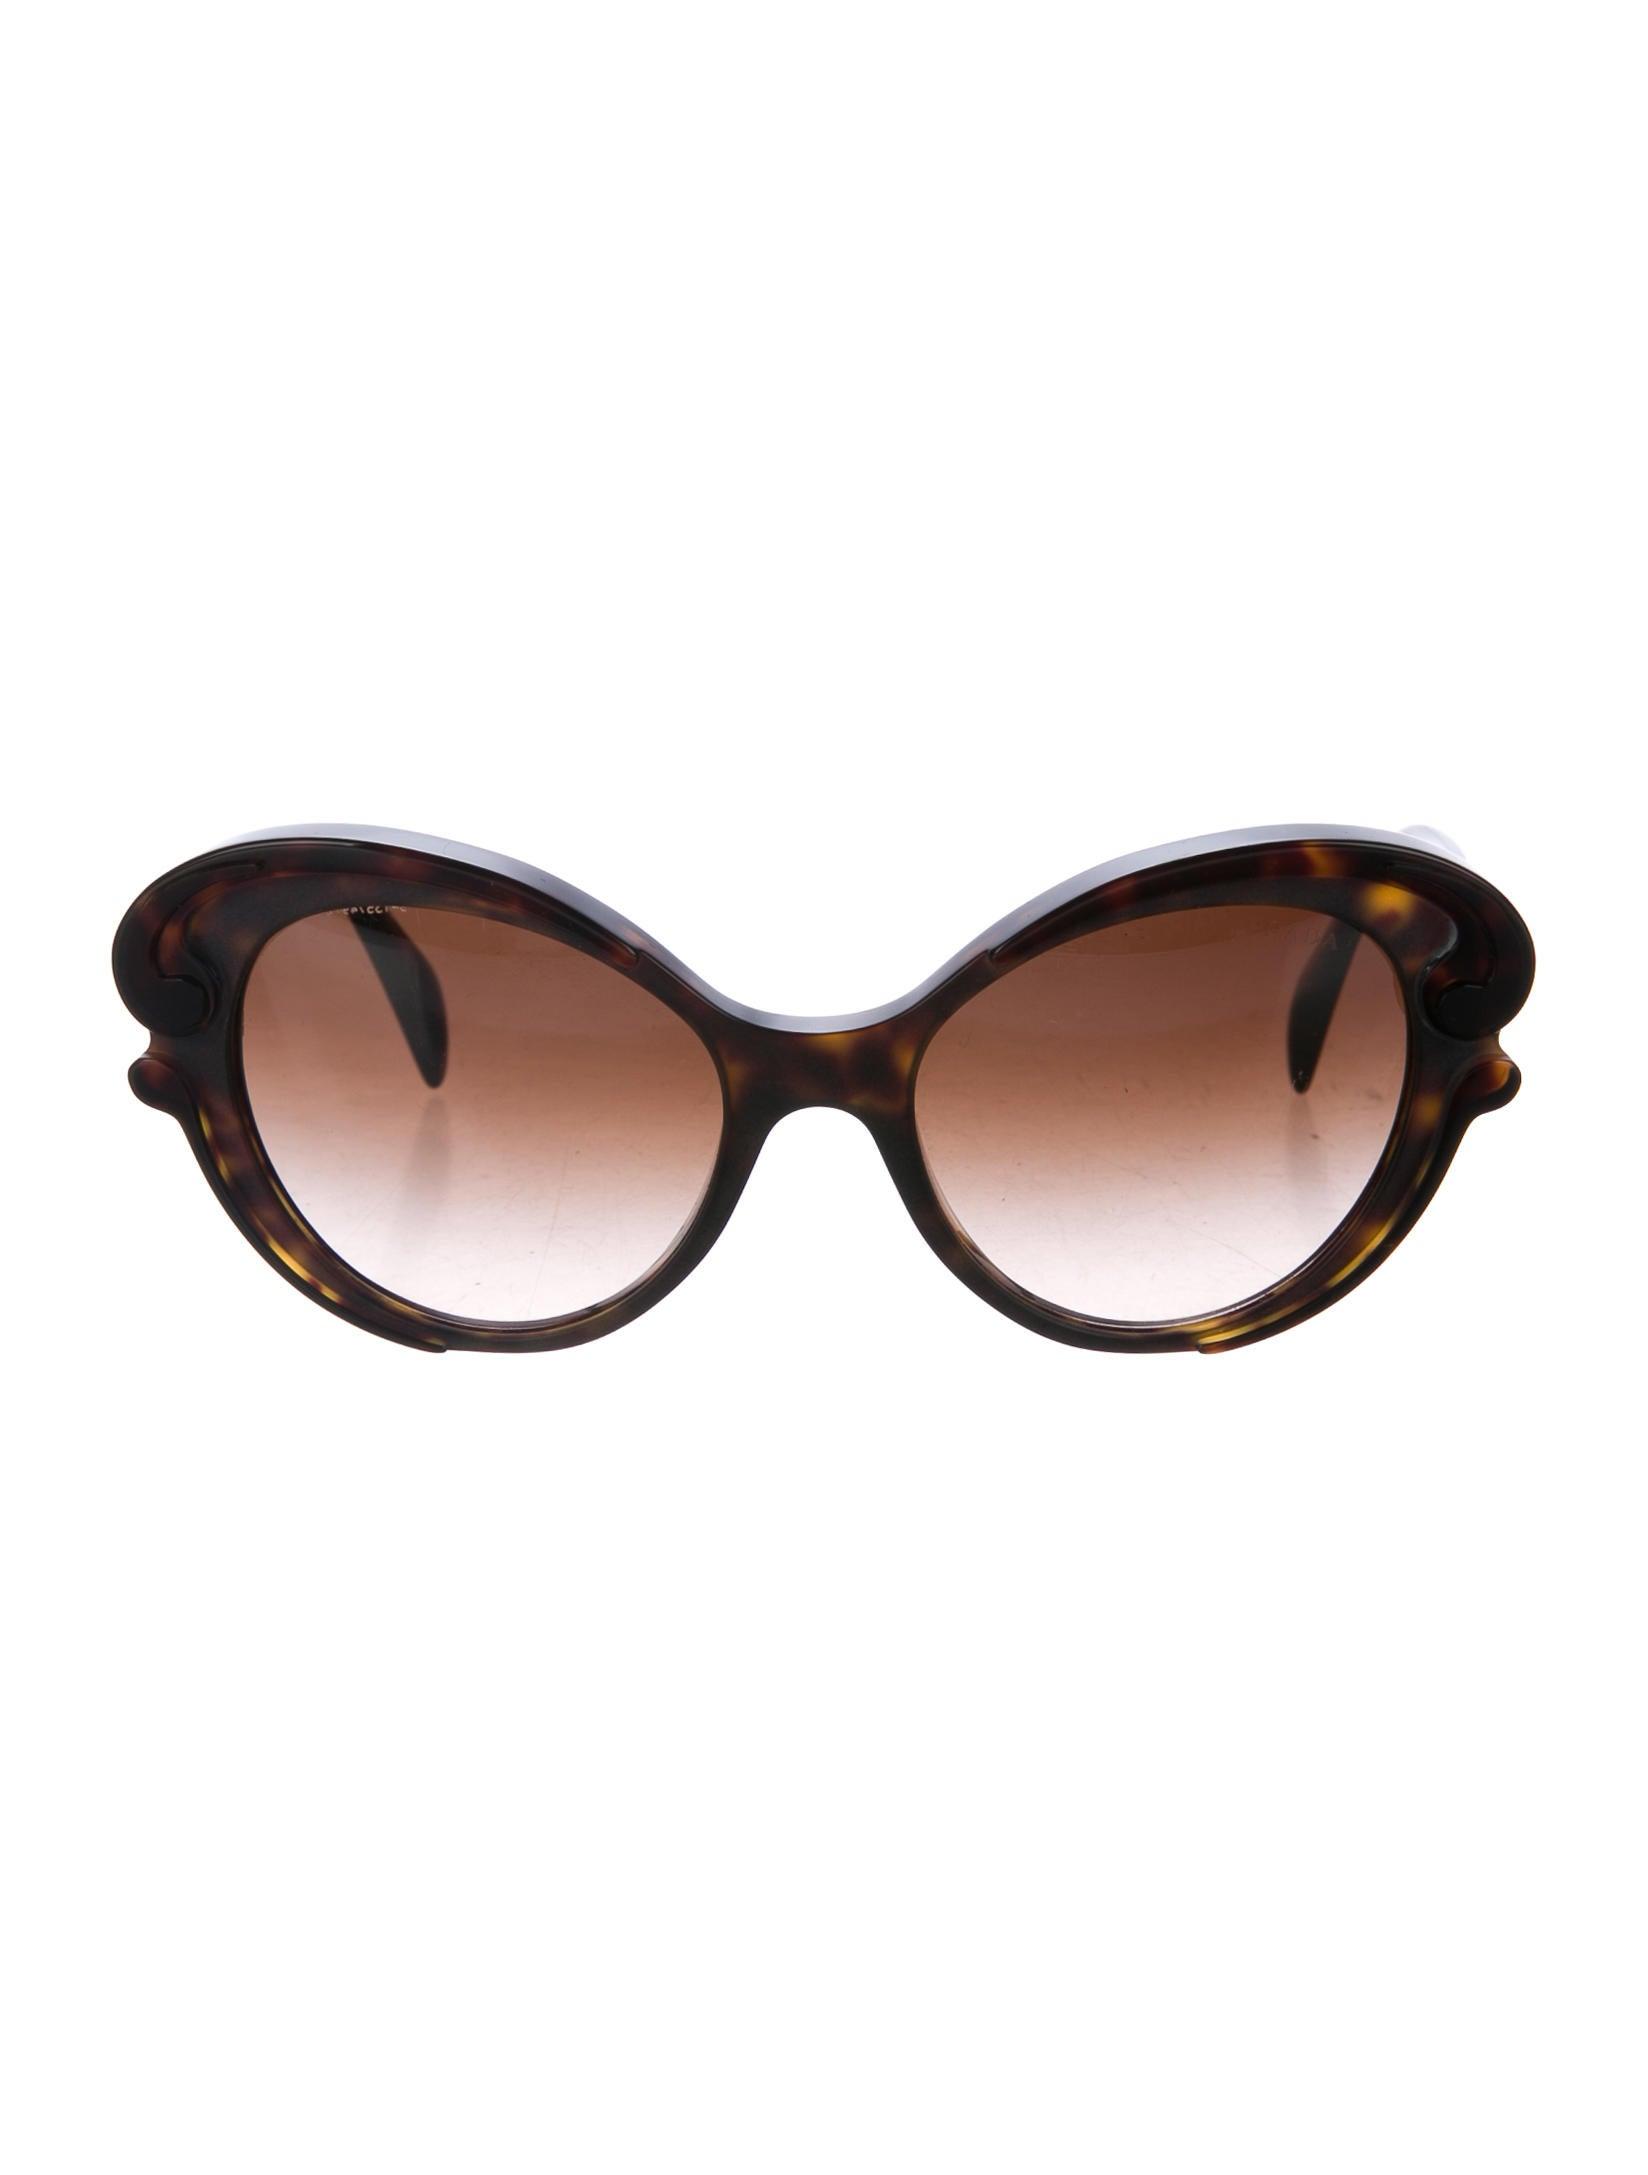 cce2ab6896 Prada Baroque Round Sunglasses - Accessories - PRA161866